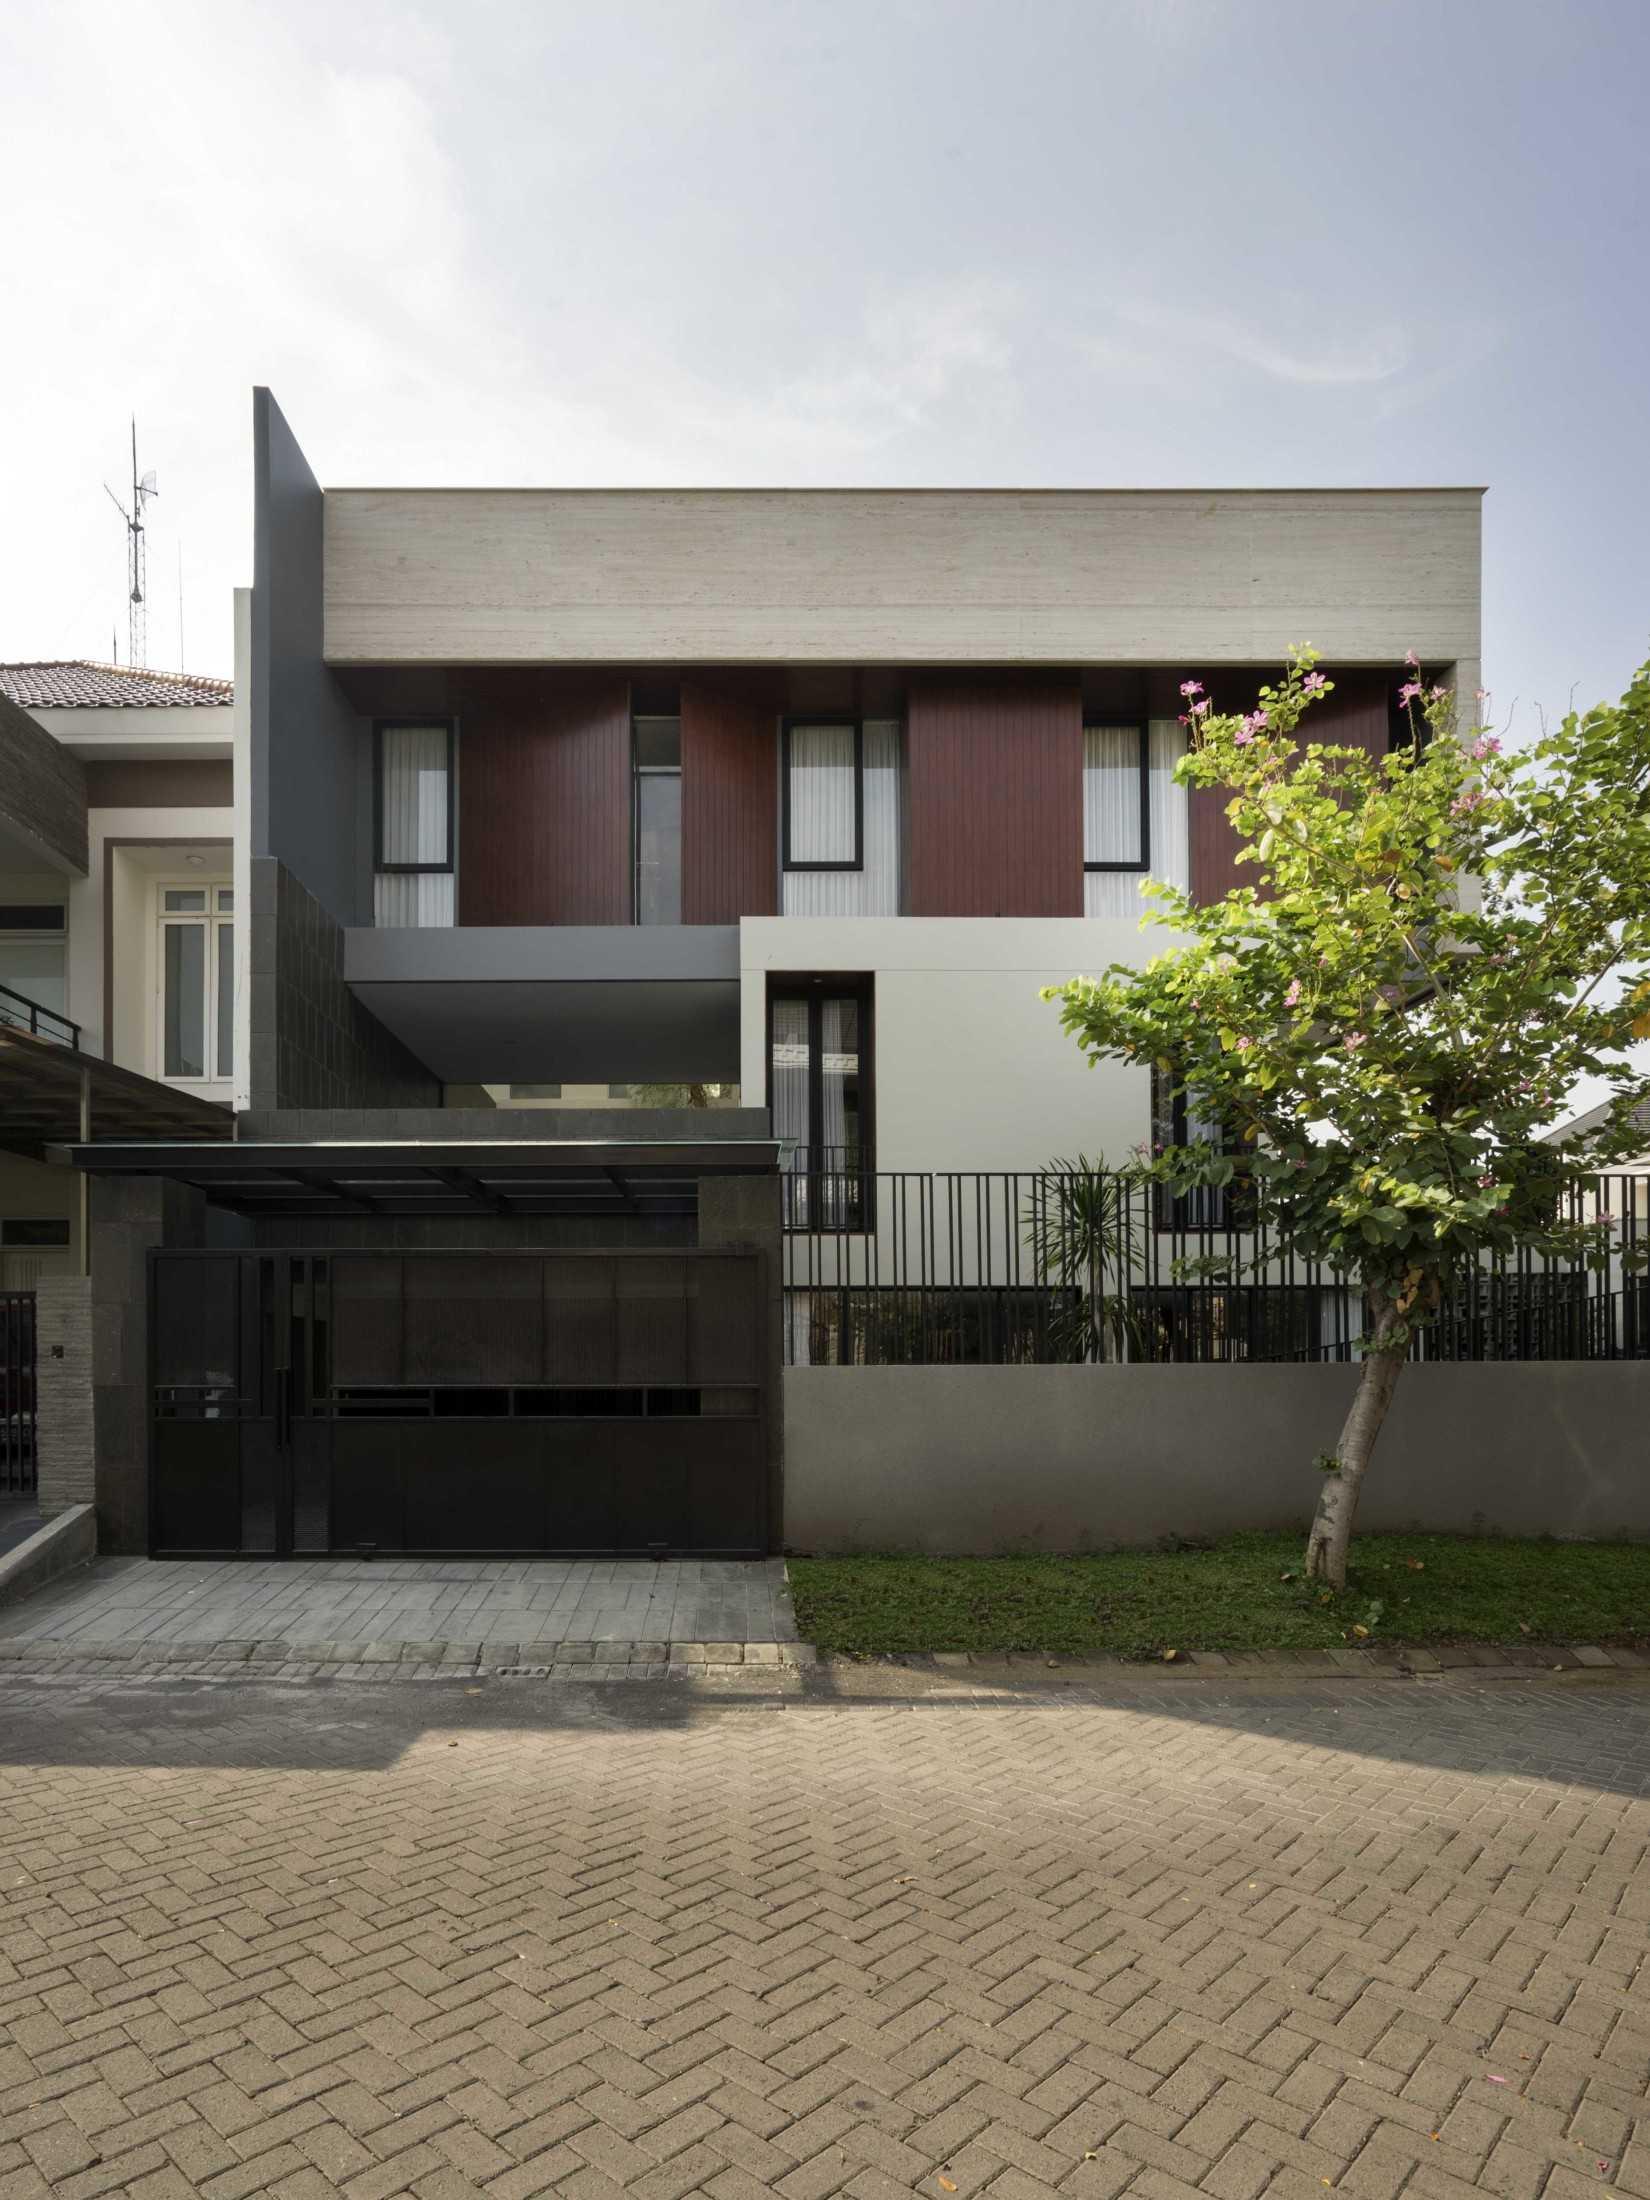 Rendic Ho Hn House Surabaya, Kota Sby, Jawa Timur, Indonesia Surabaya, Kota Sby, Jawa Timur, Indonesia Rendic-Ho-Hn-House  106277